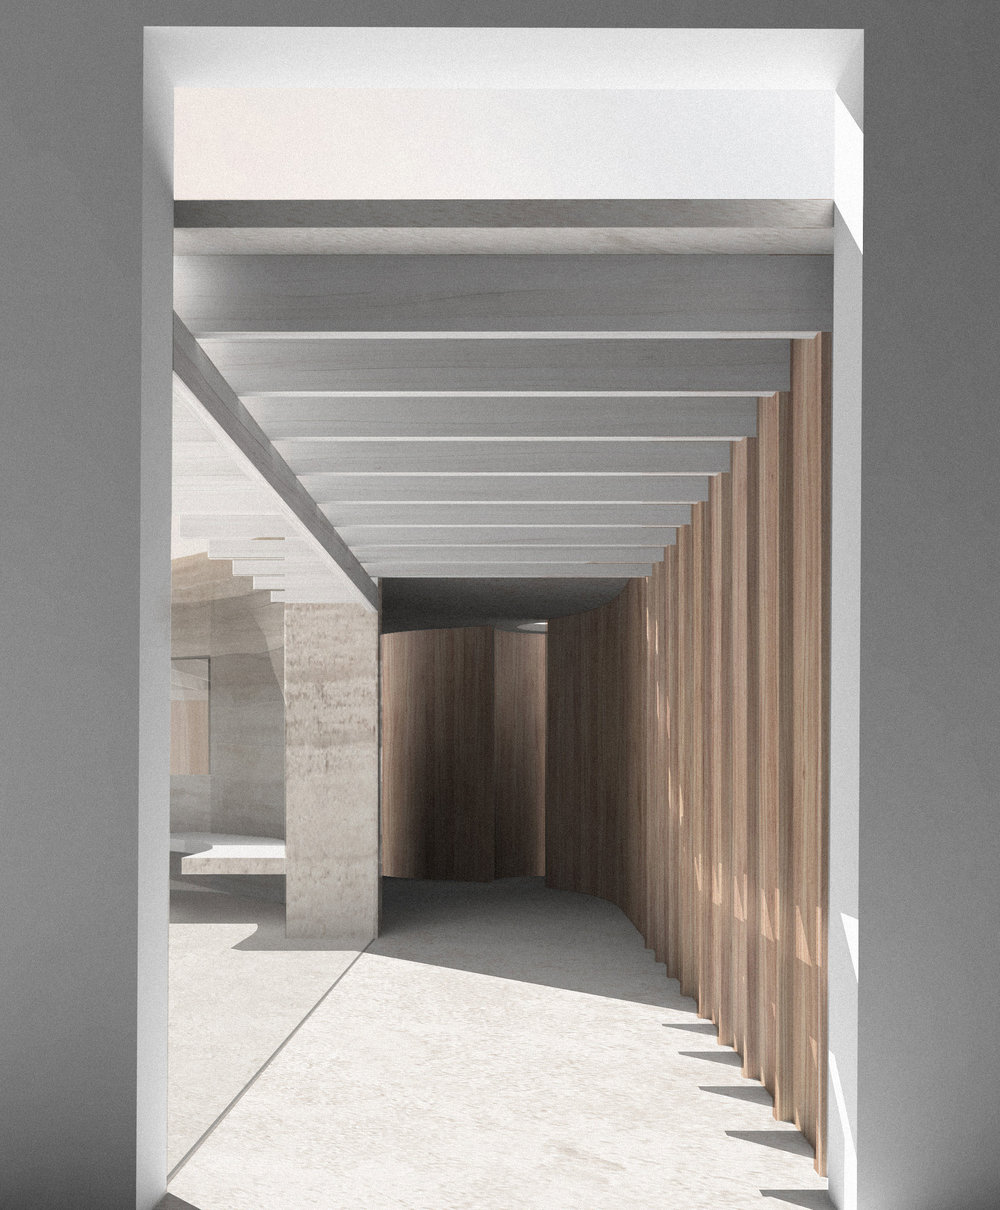 Visual-02_Looking-down-link-corridor.jpg